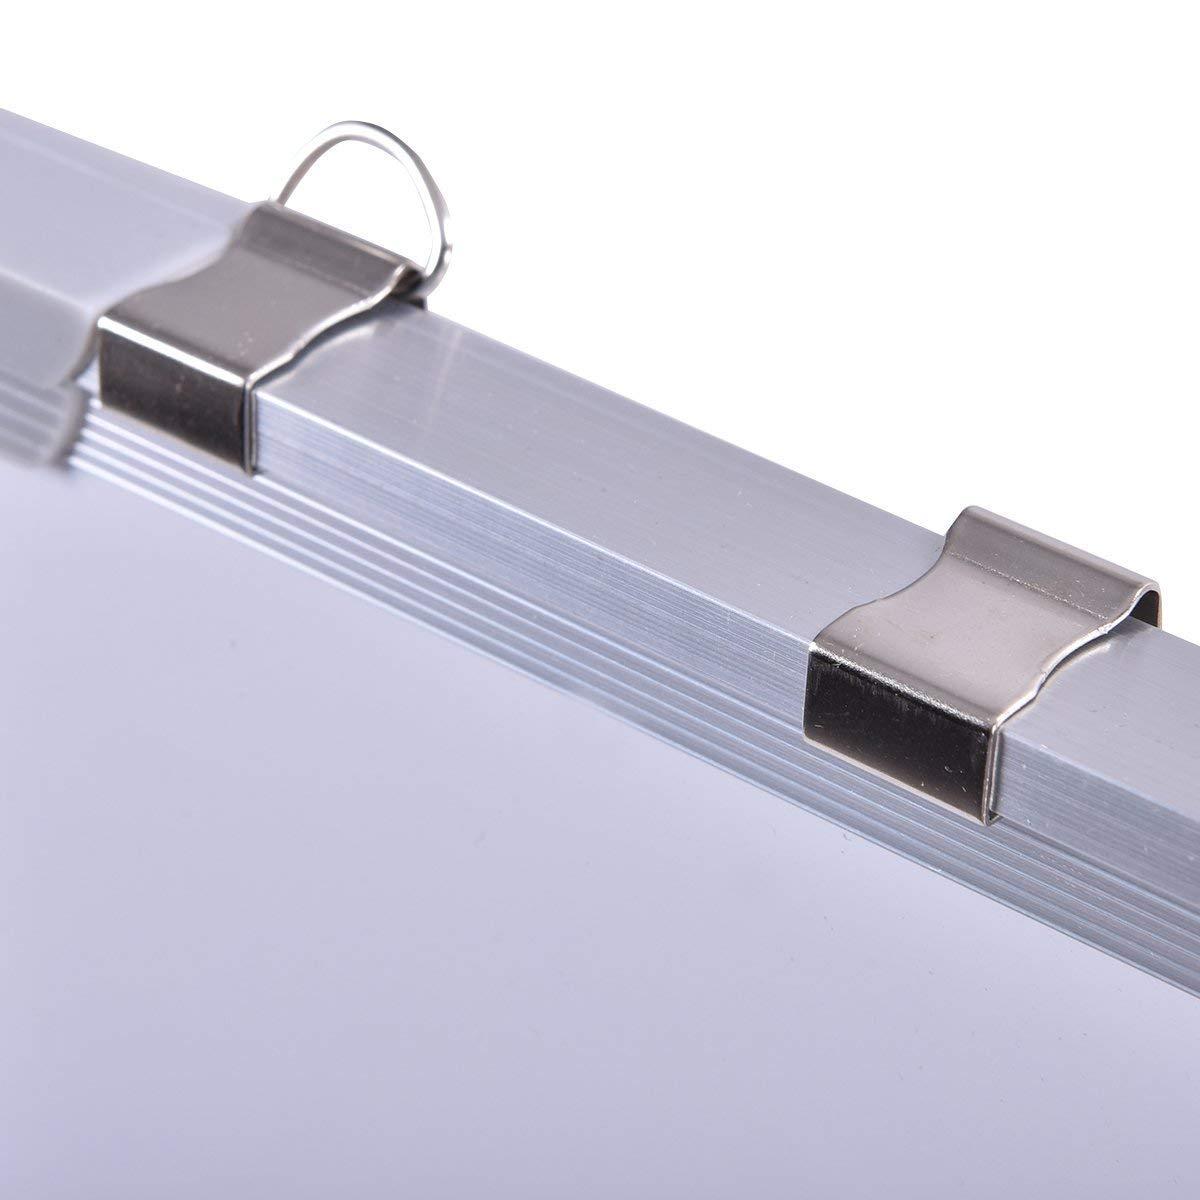 Vari Dimensioni Disponibili 70 x 50 cm COSTWAY Lavagna Magnetica Bianca Lavagna Cancellabile con Cornice in Alluminio per Scuola Casa Ufficio